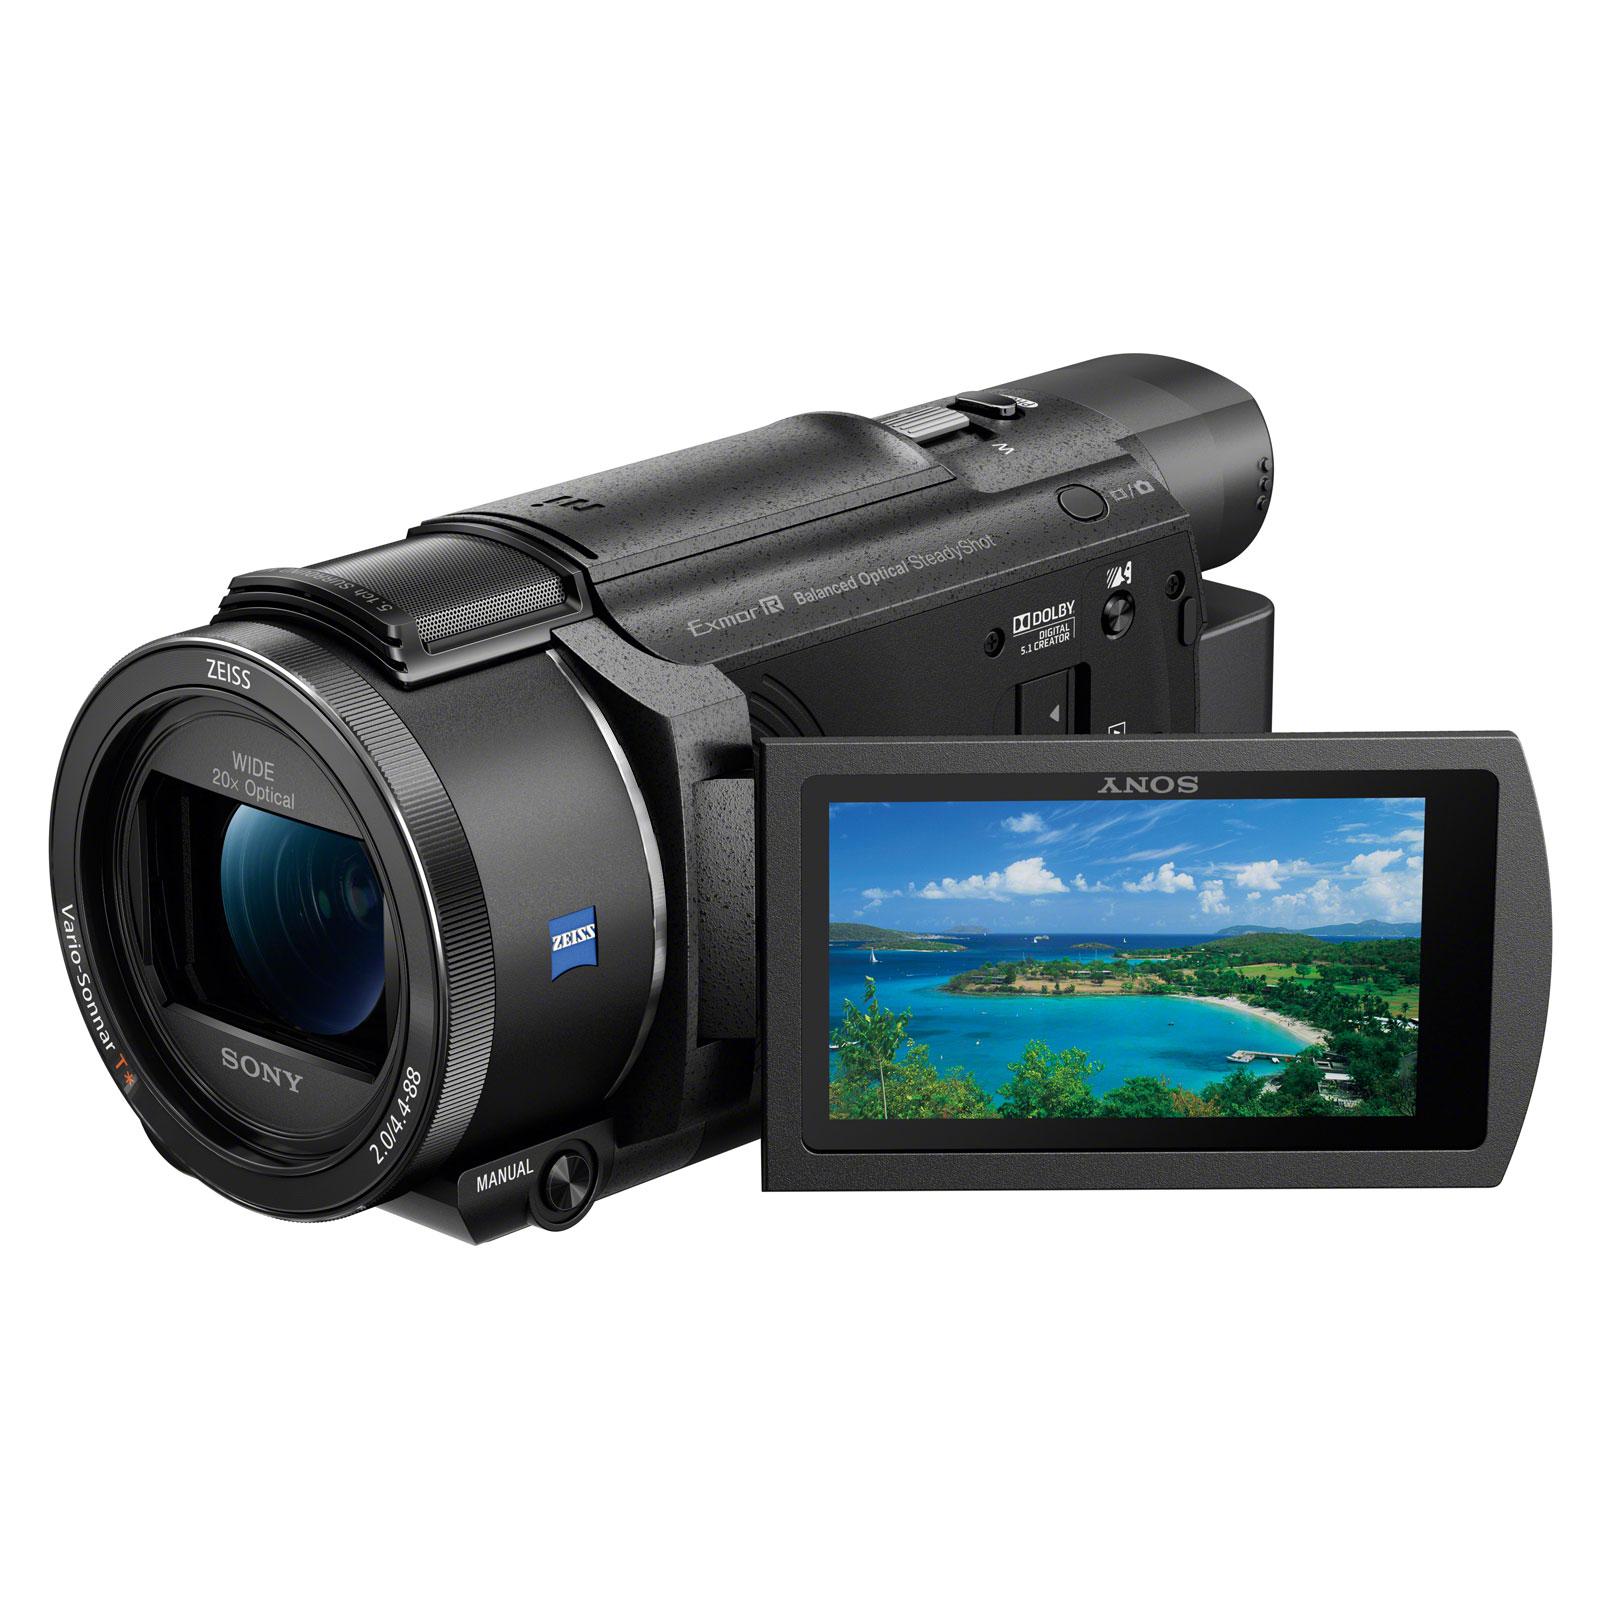 Caméscope numérique Sony FDR-AX53B Caméscope 4K, zoom 20x, stabilisateur optique, Wi-Fi et NFC